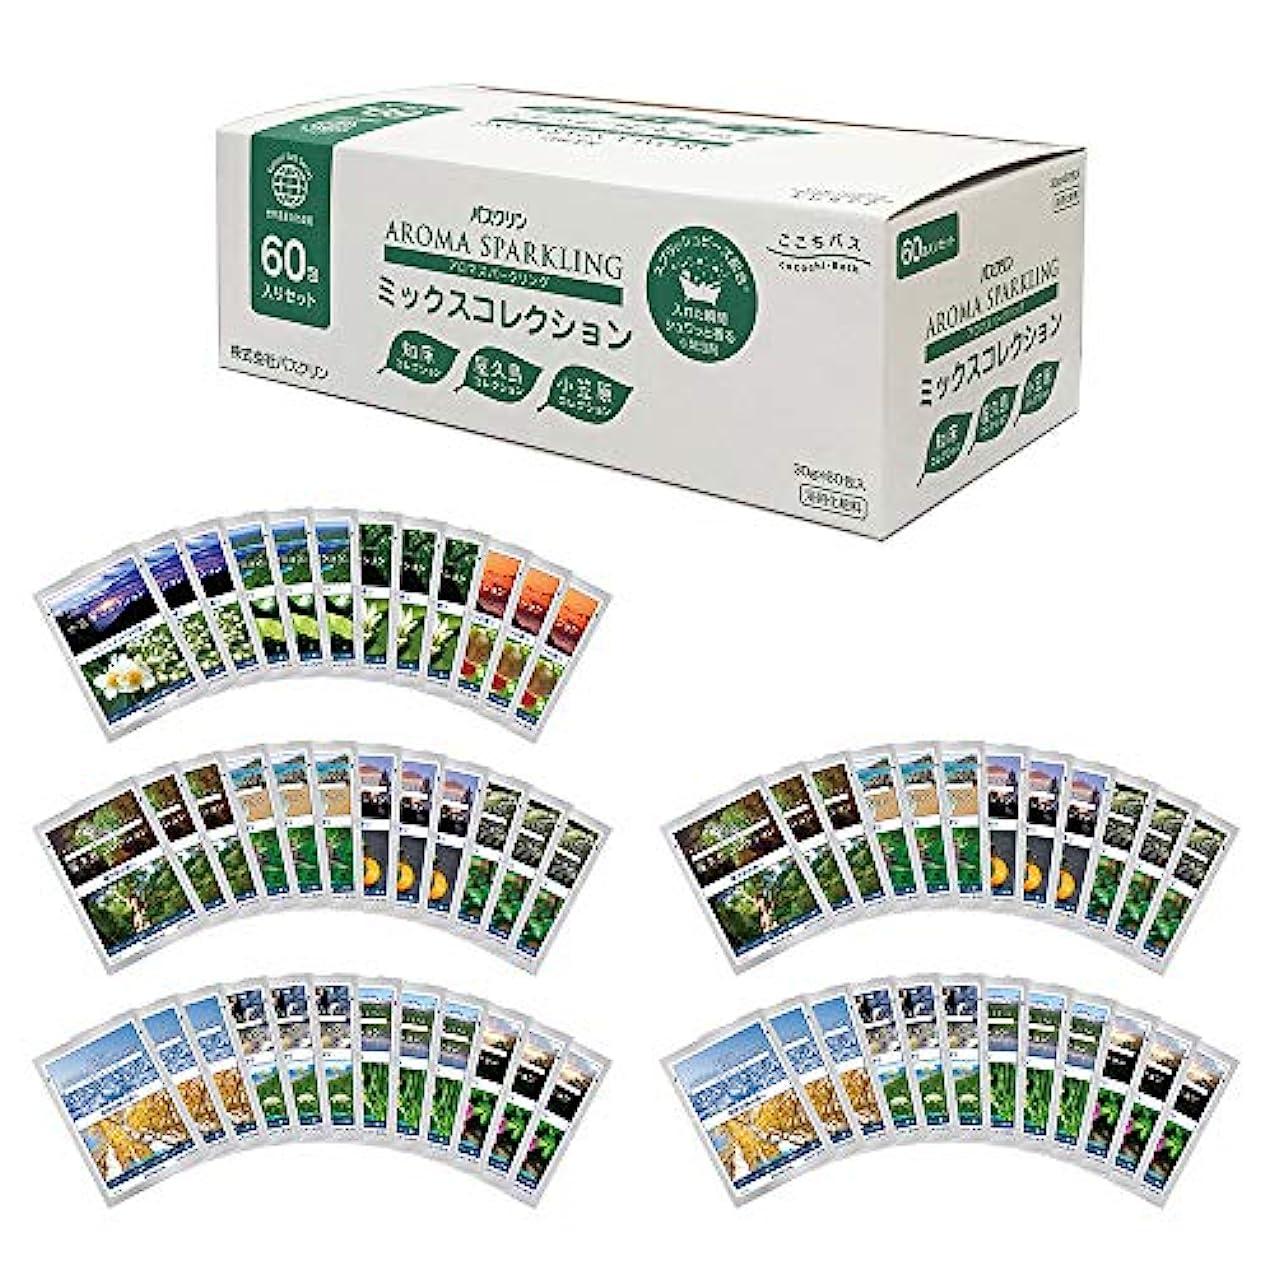 訴える位置づける飲料[Amazon限定ブランド] ここちバス バスクリン 入浴剤  アロマスパークリング ミックスコレクション 60包入り 個包装 詰め合わせ